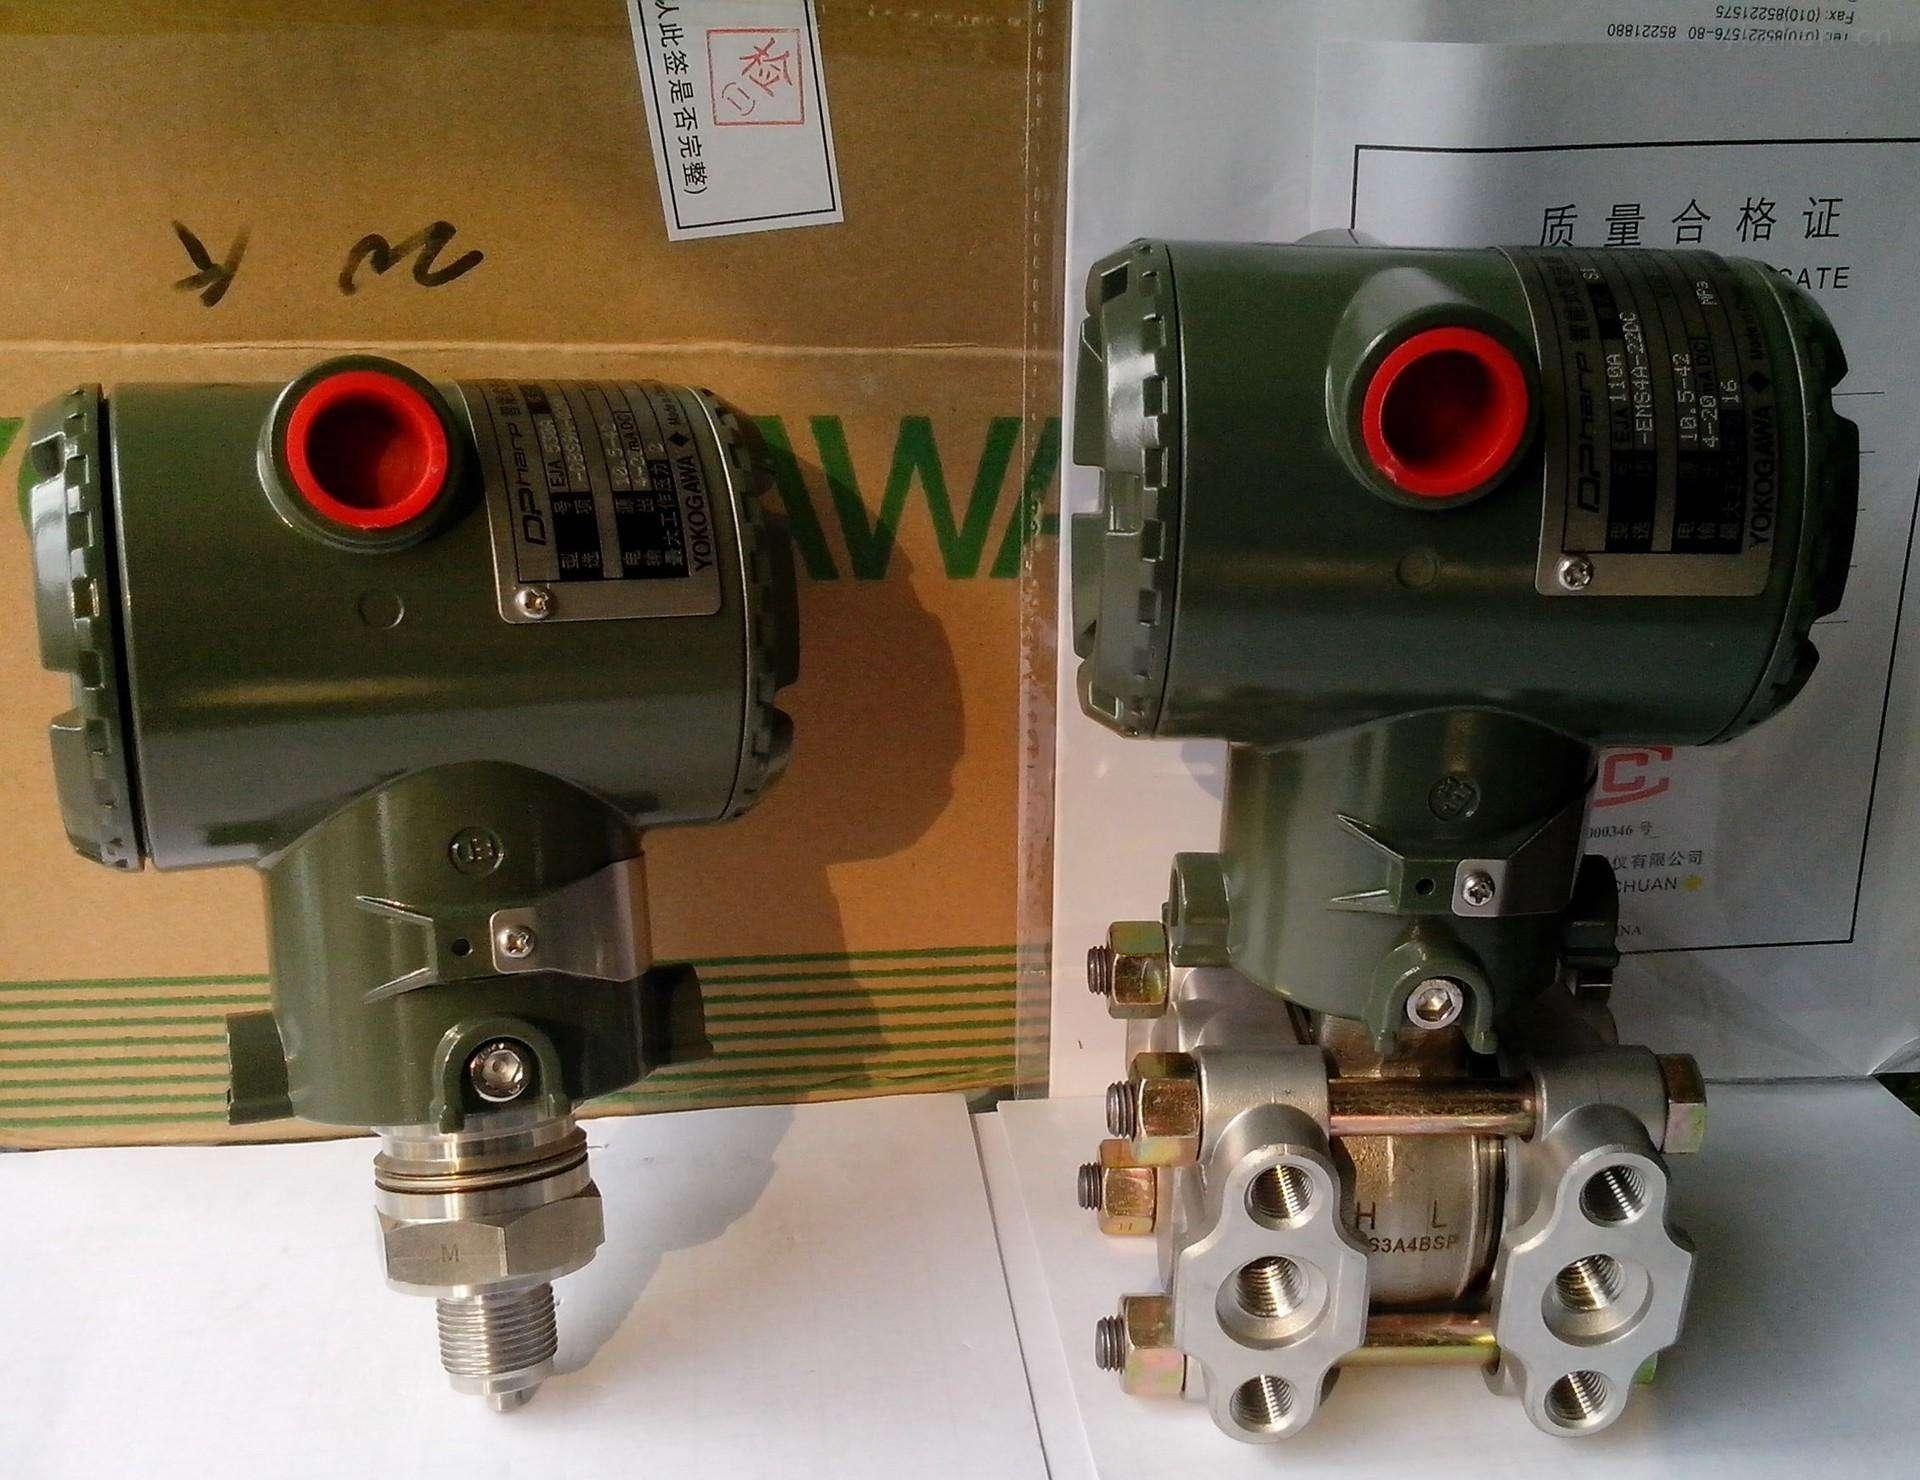 厂家直销横河EJA438E压力变送器低价出售